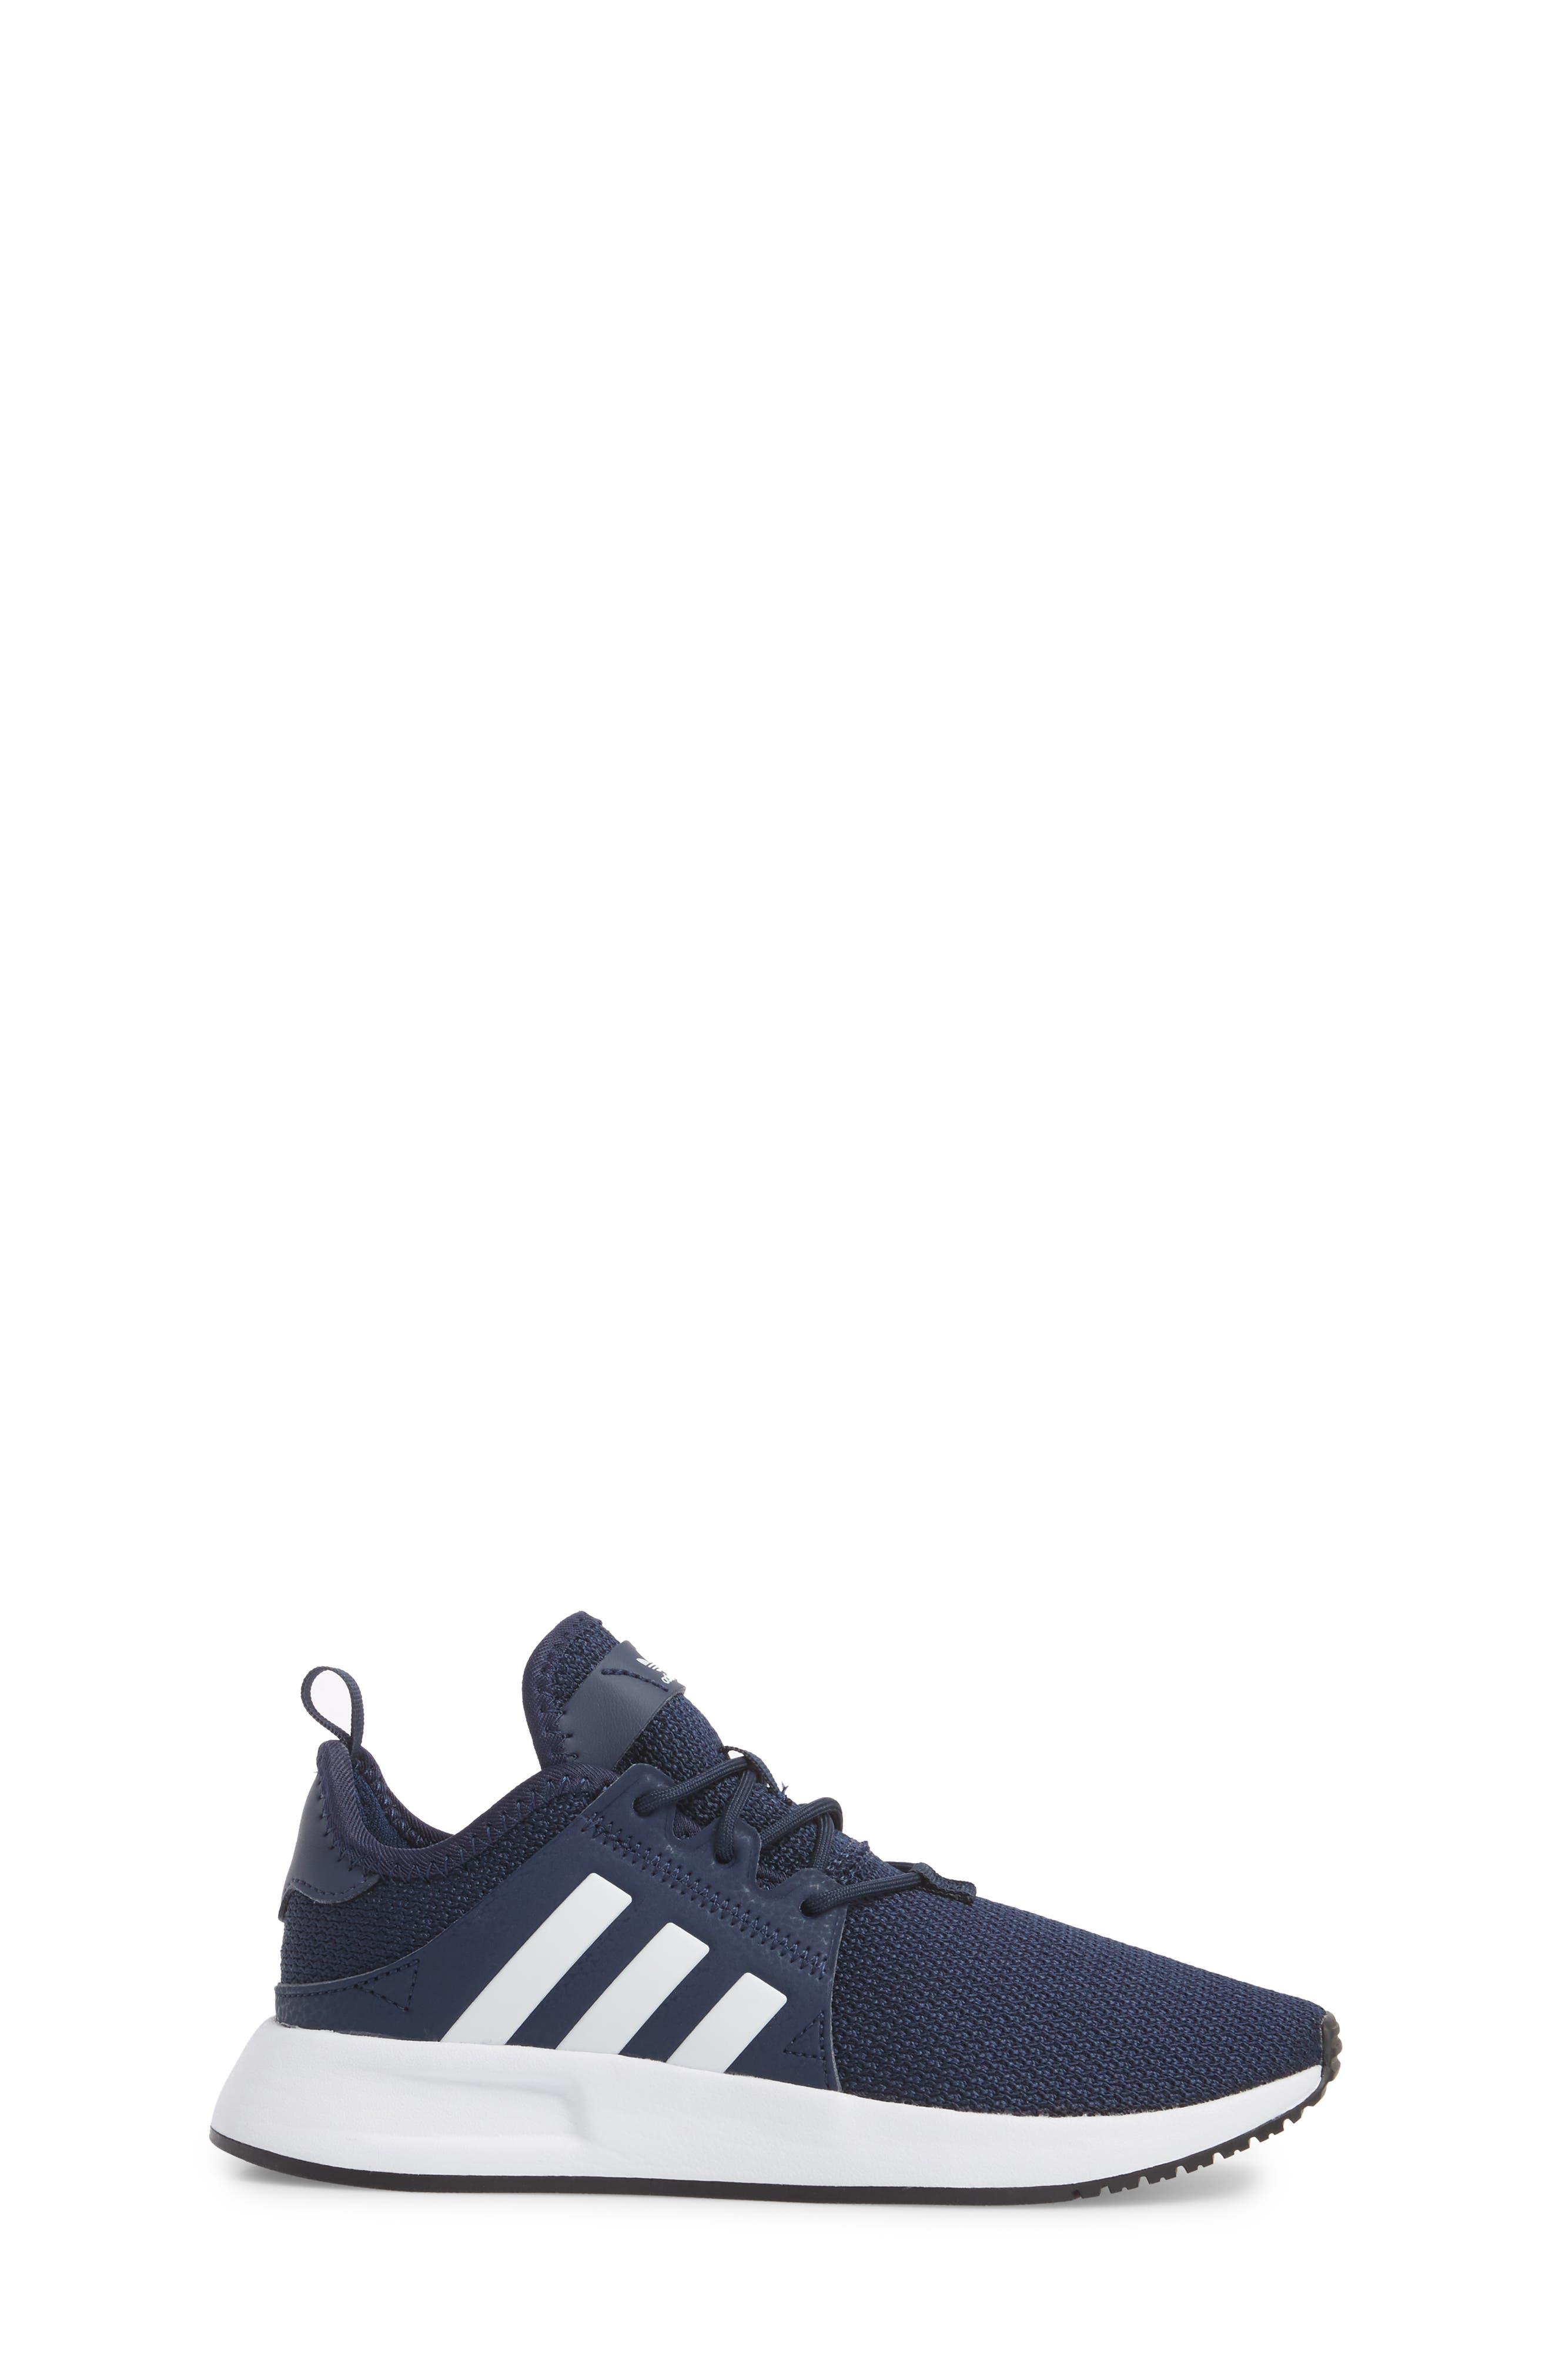 X_PLR Sneaker,                             Alternate thumbnail 3, color,                             COLLEGIATE NAVY/ WHITE